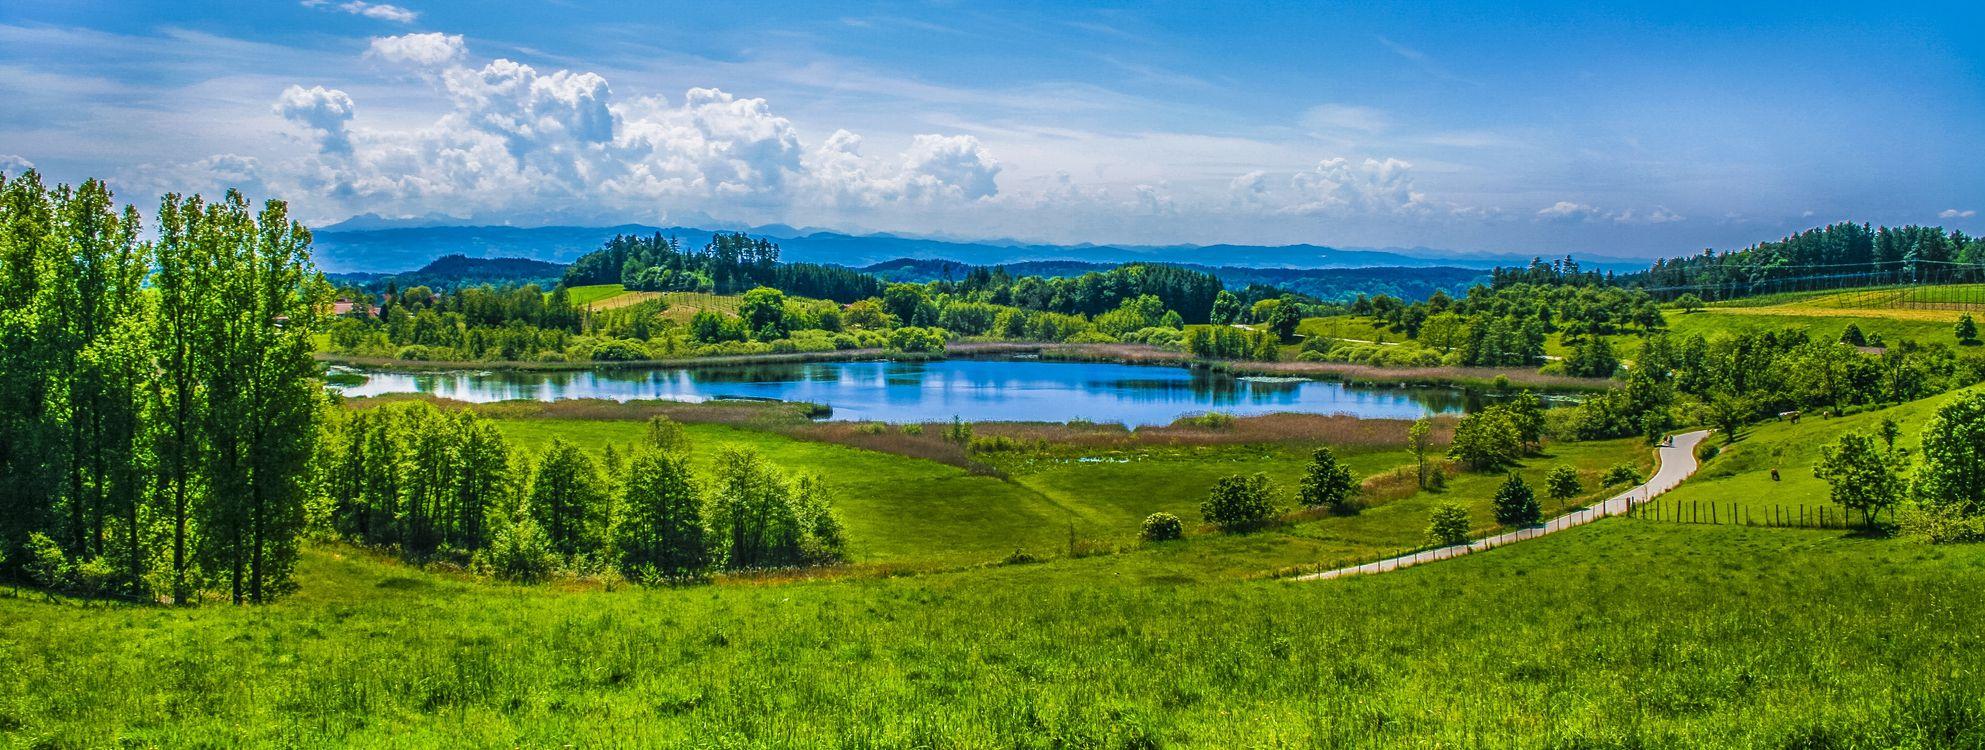 Фото бесплатно альпийский пейзаж, озеро, зеленые пастбища, луг, лето, солнечный луч, облака, панорама, пейзаж, пейзажи